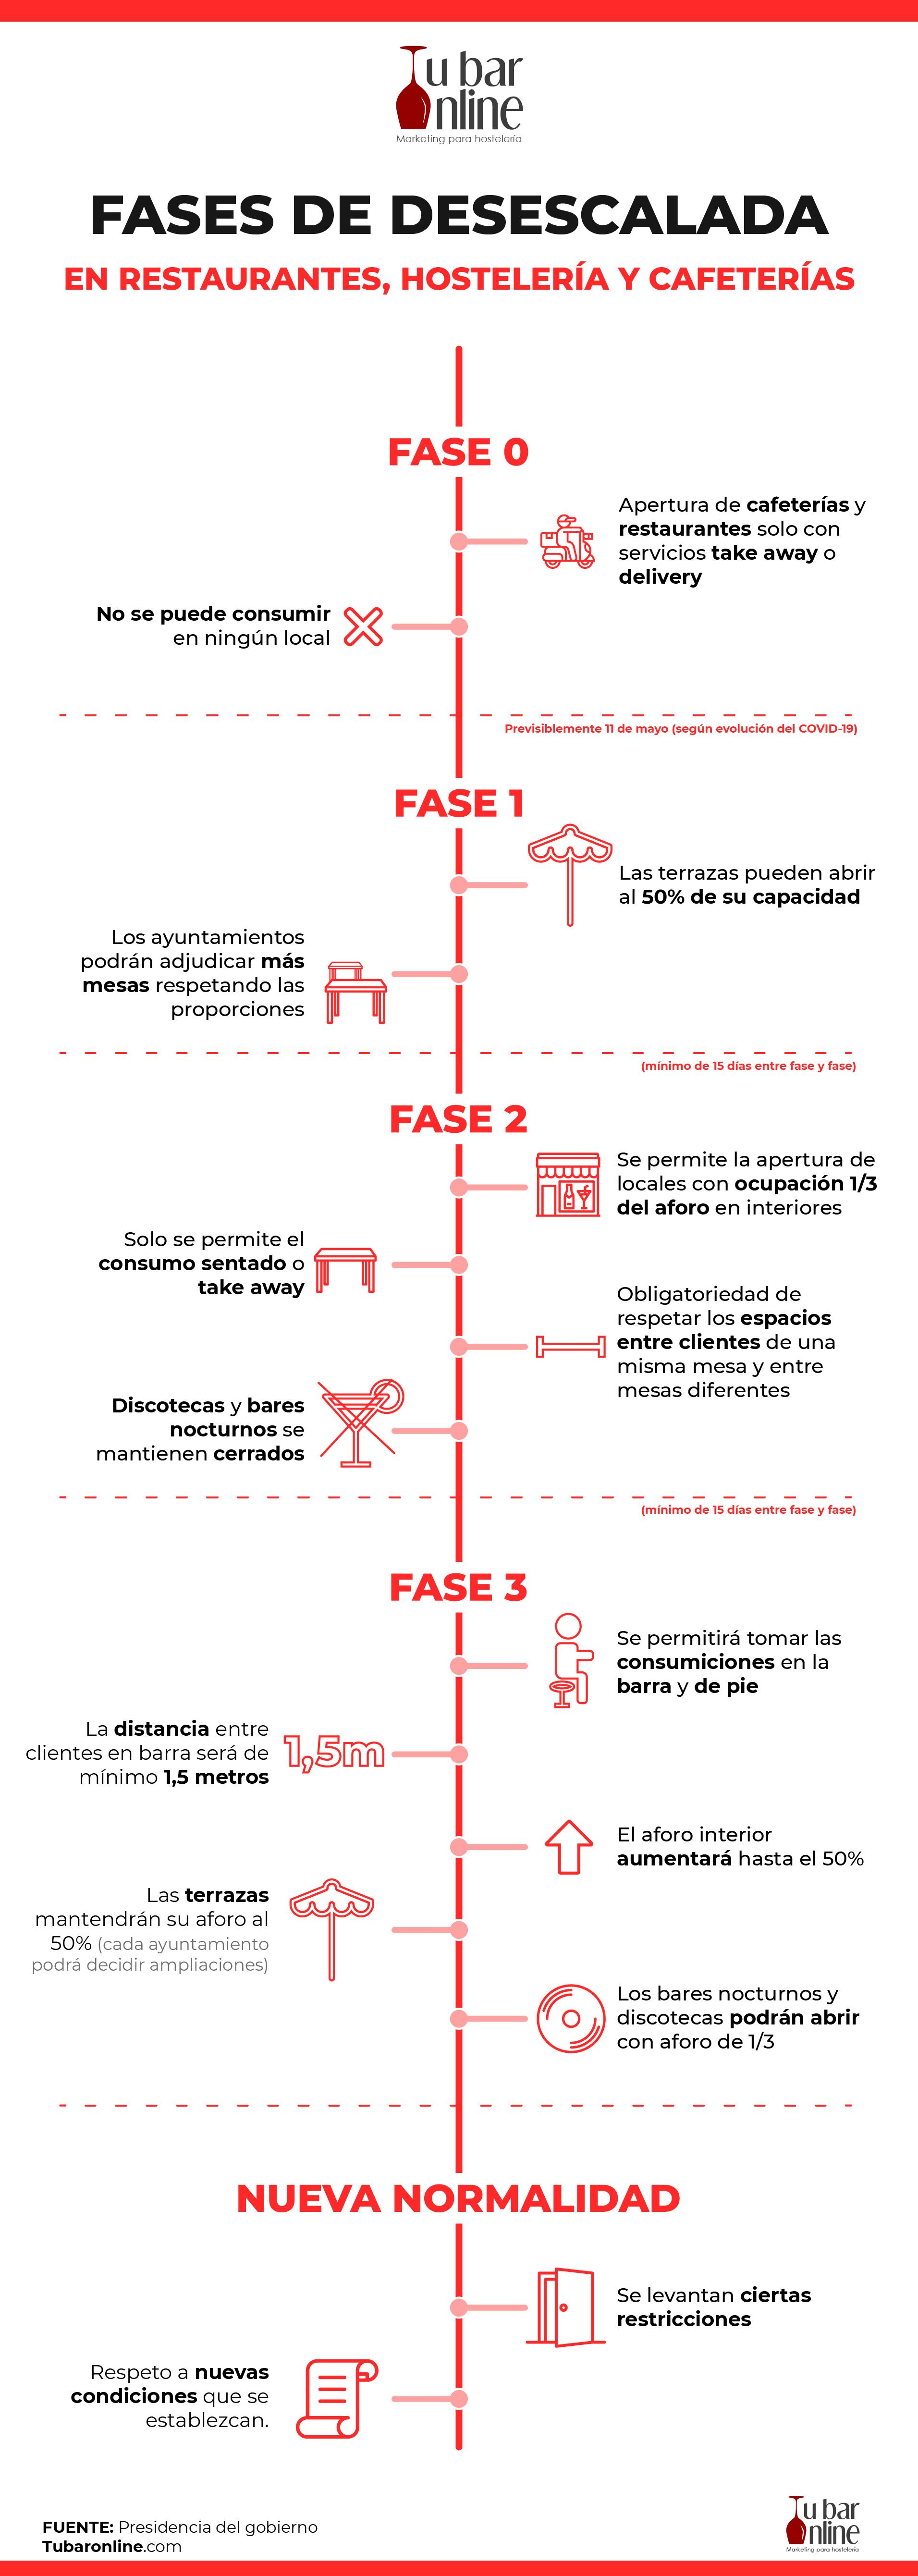 infografia fases desescalada hosteleria